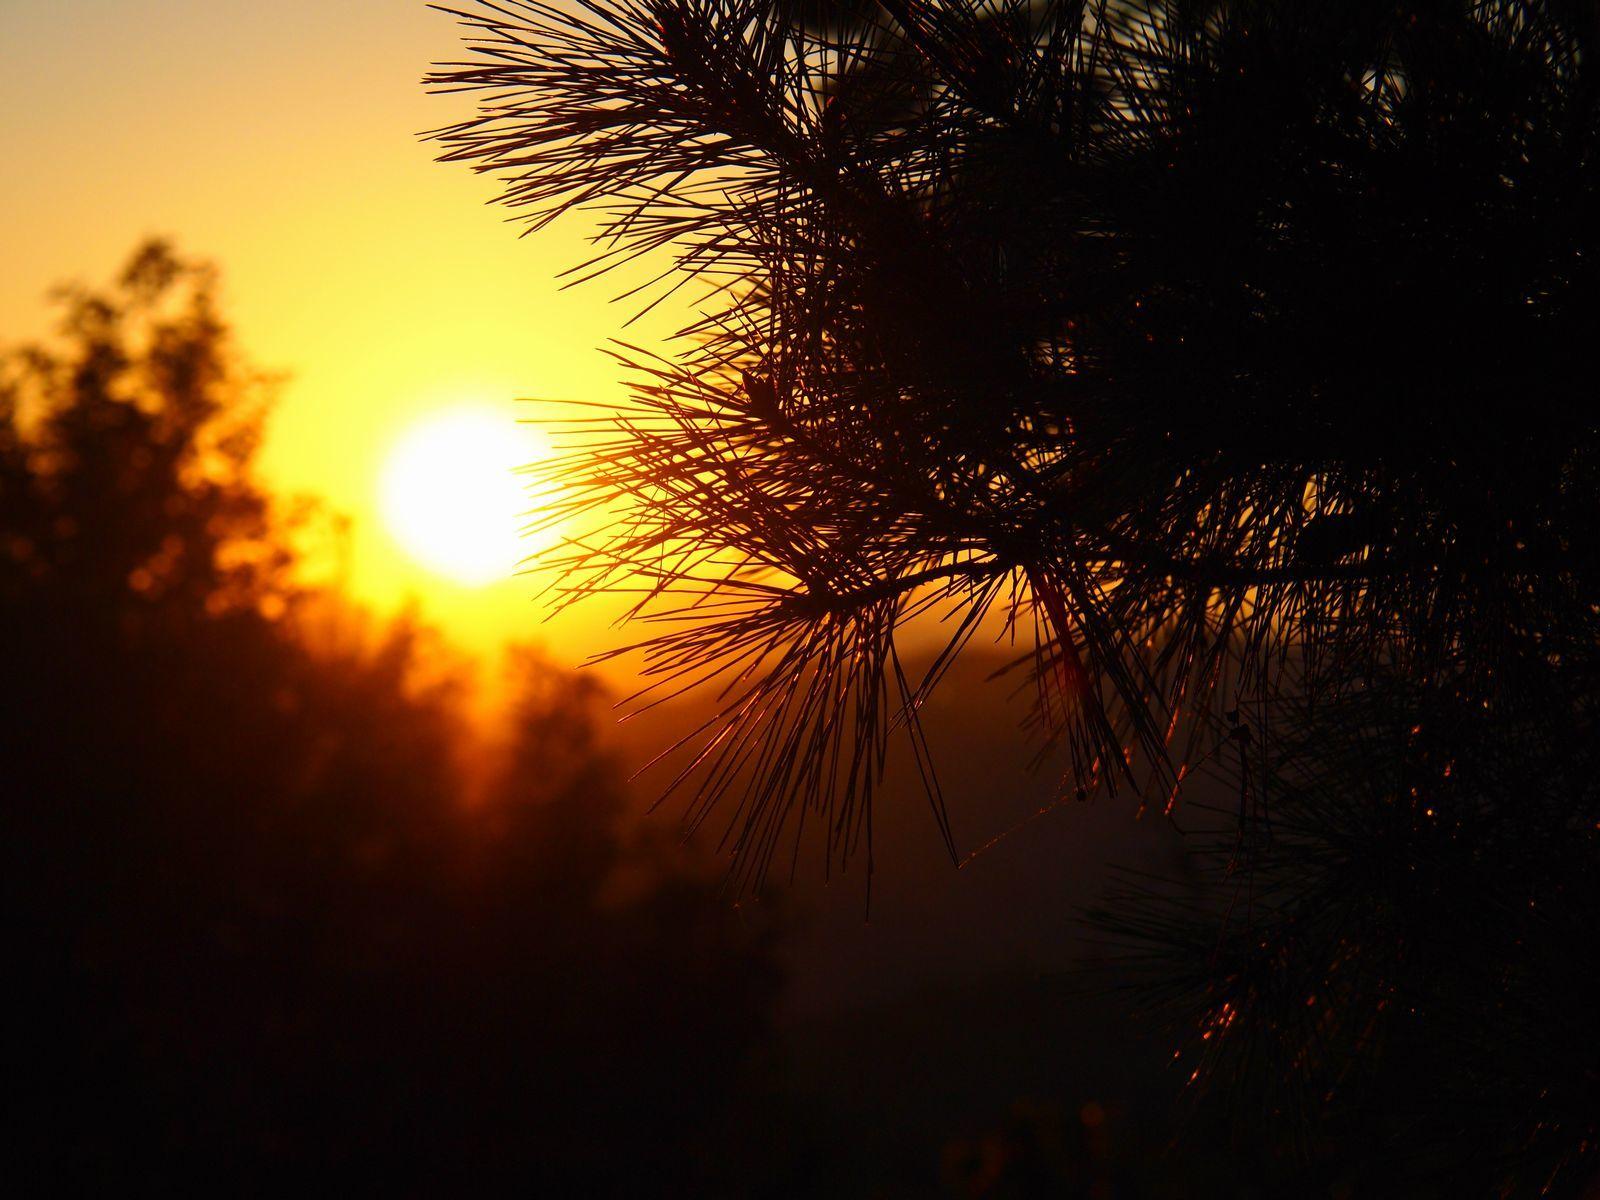 松野葉と夕日